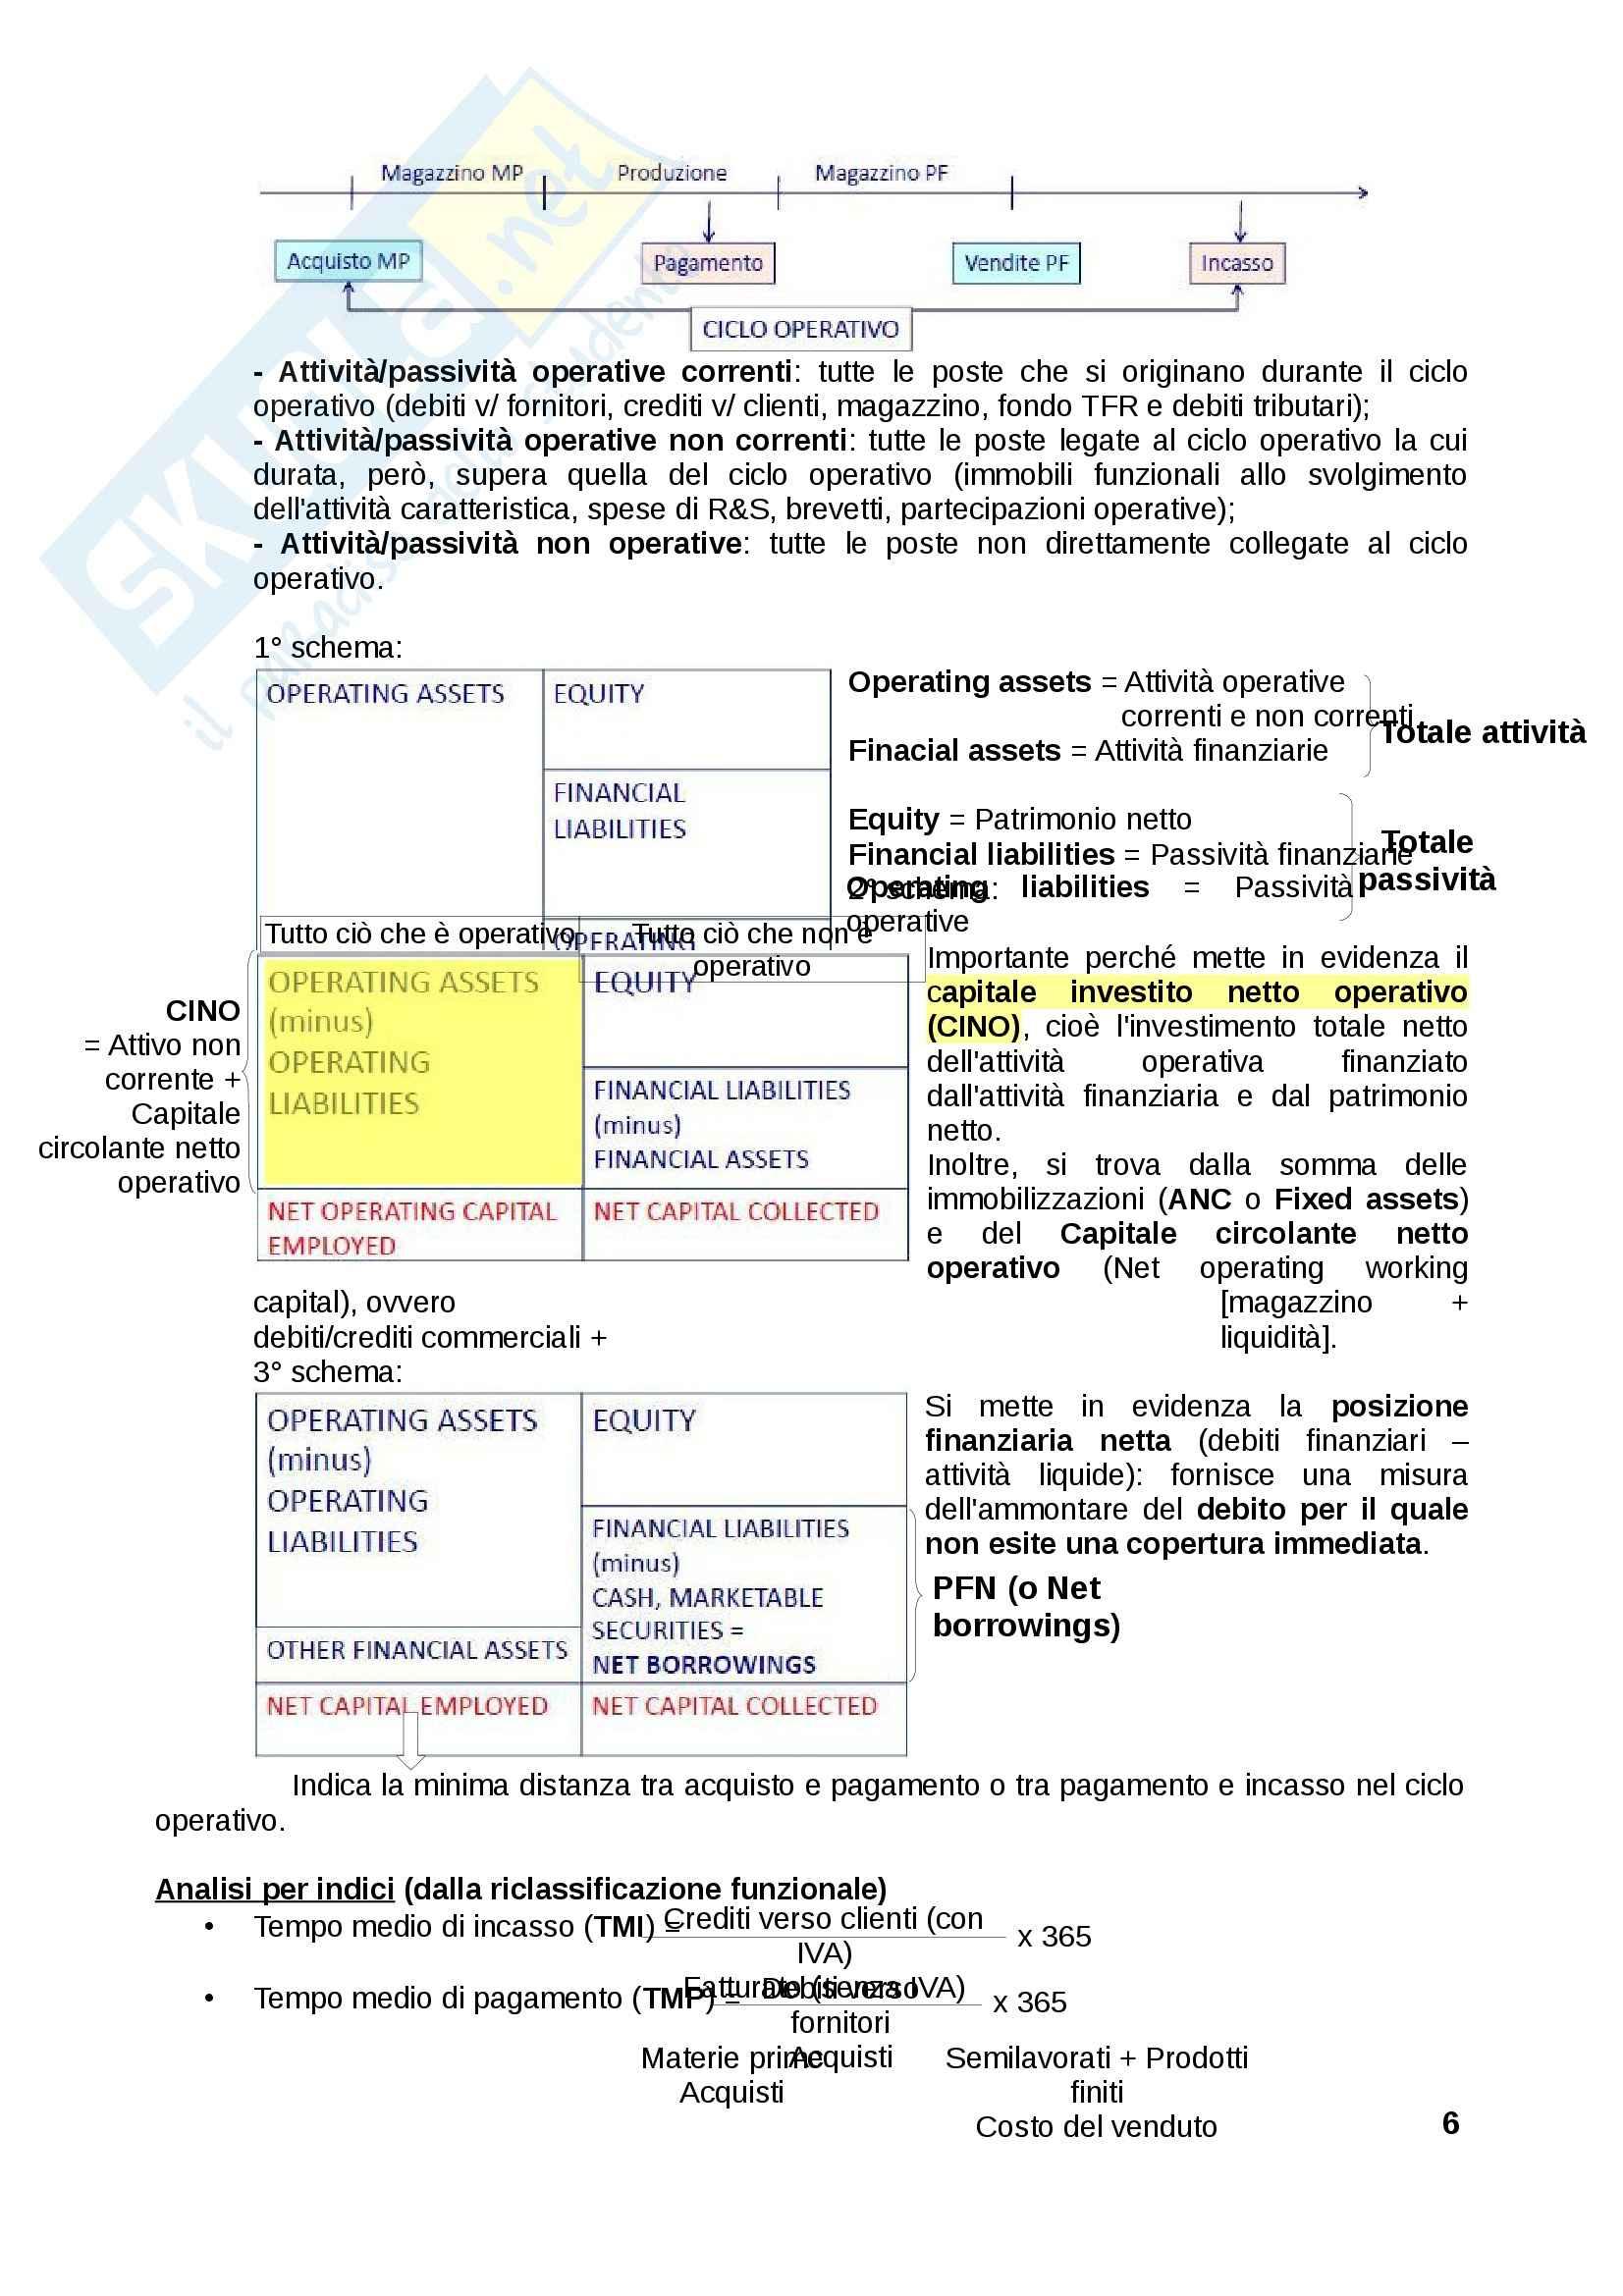 Riassunto esame Gestione finanziaria aziendale, prof. Busso Pag. 6